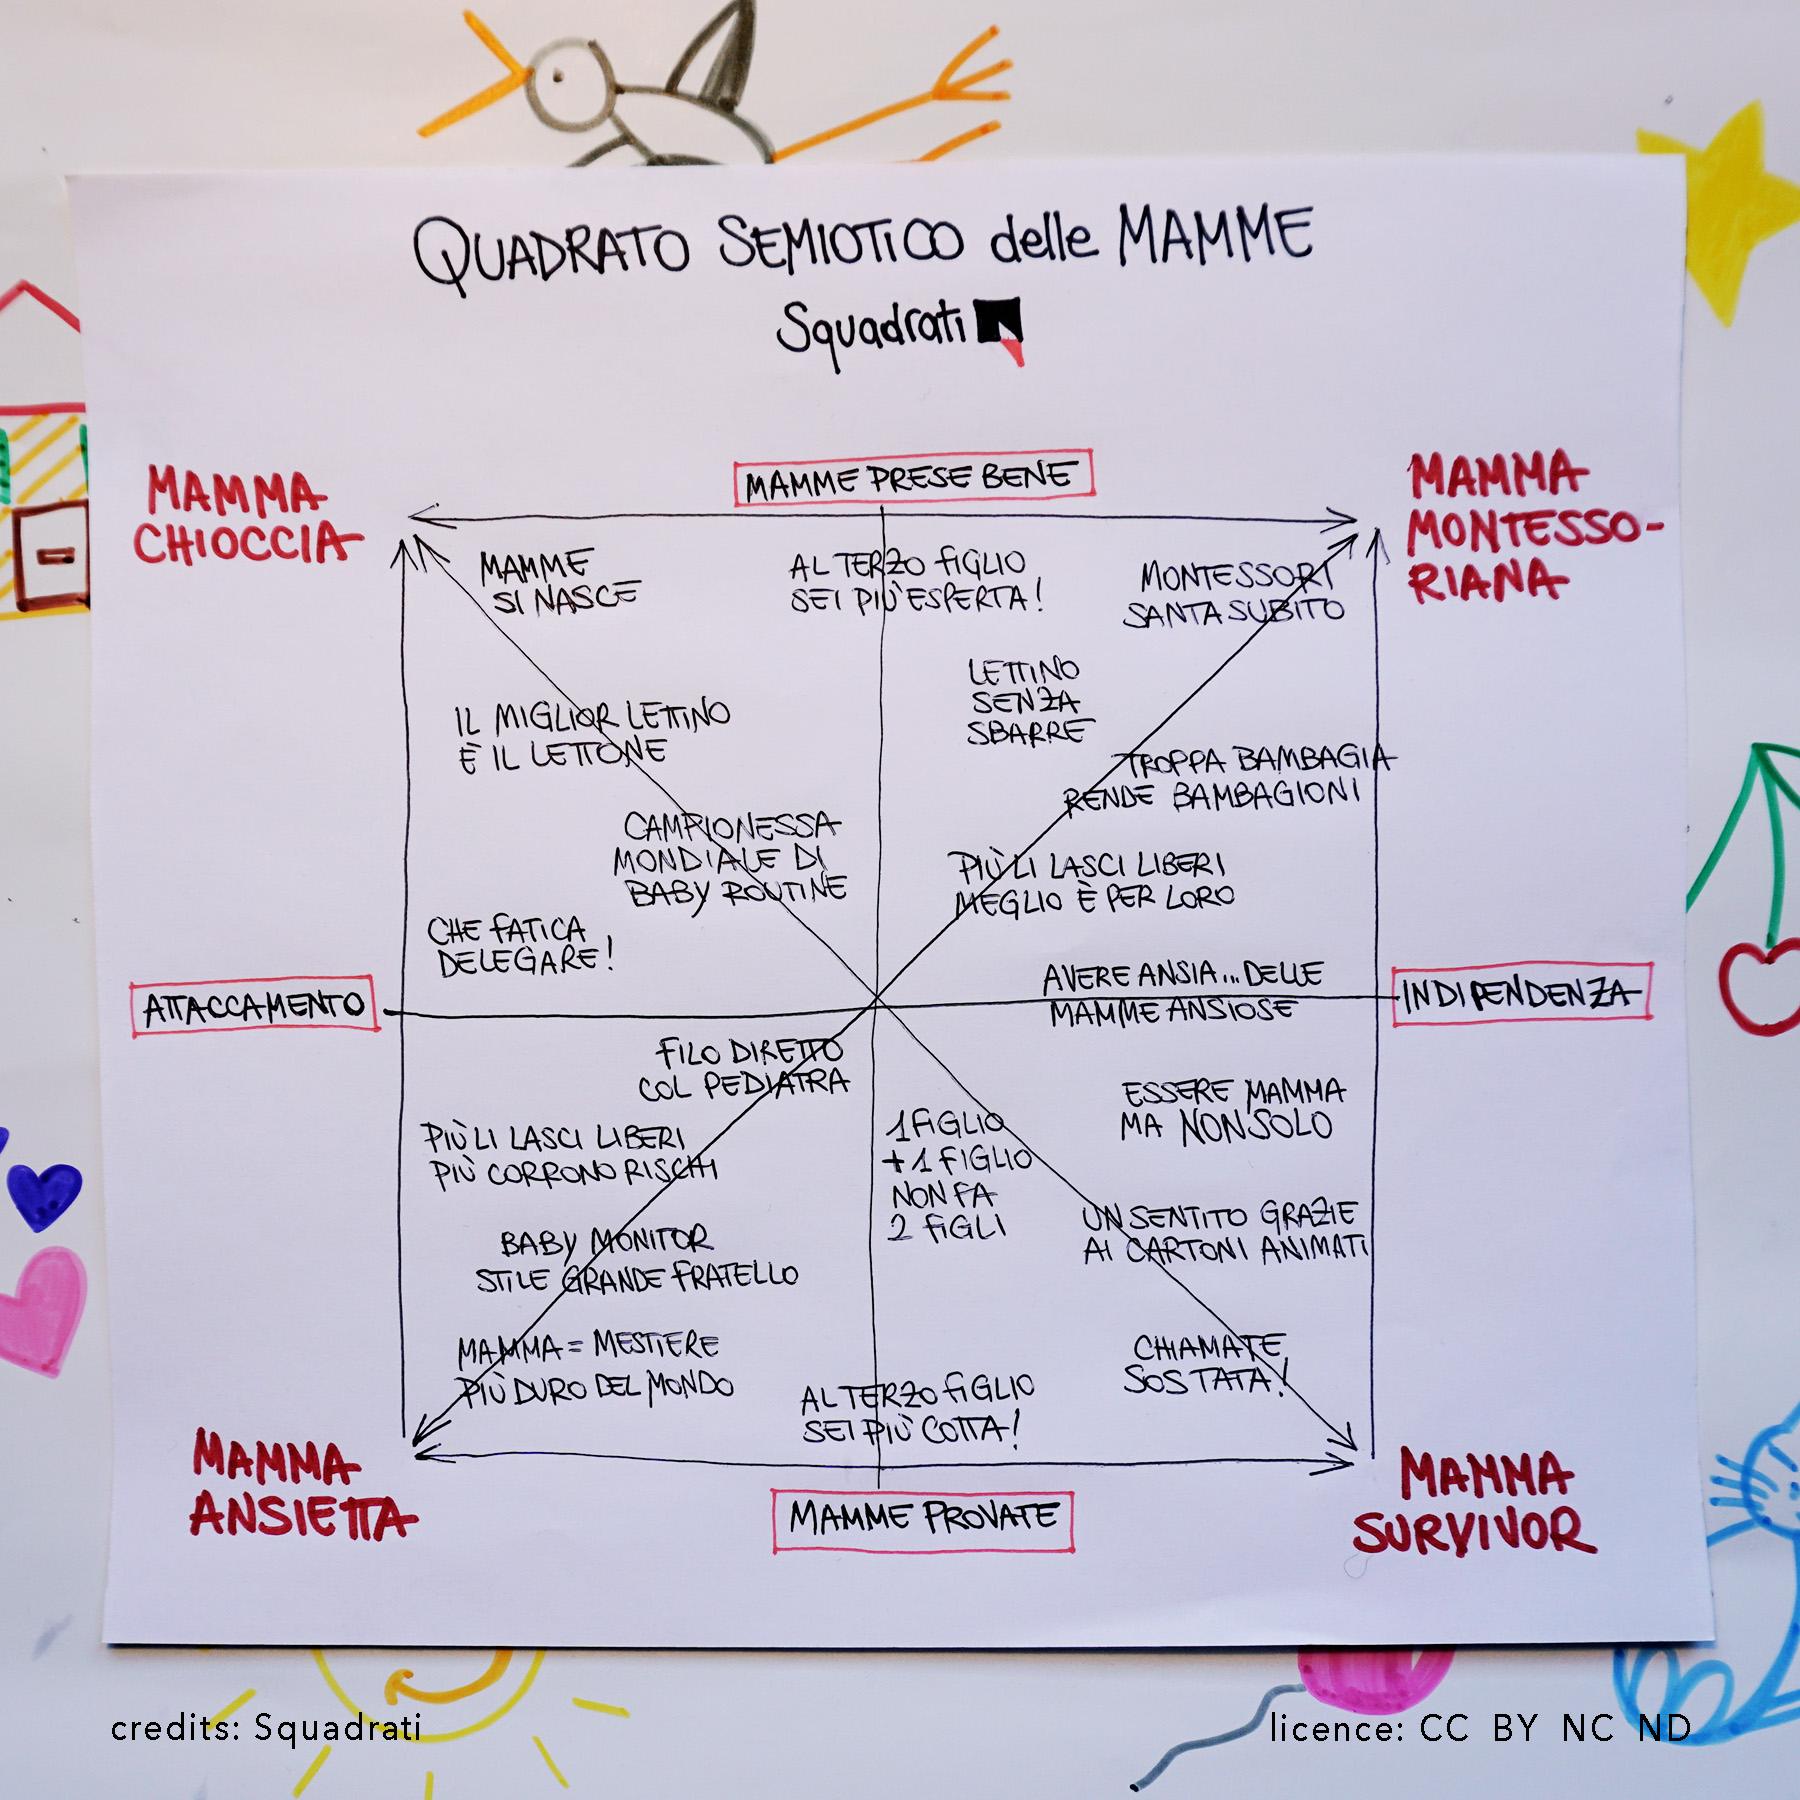 Quadrato semiotico delle mamme | Squadrati